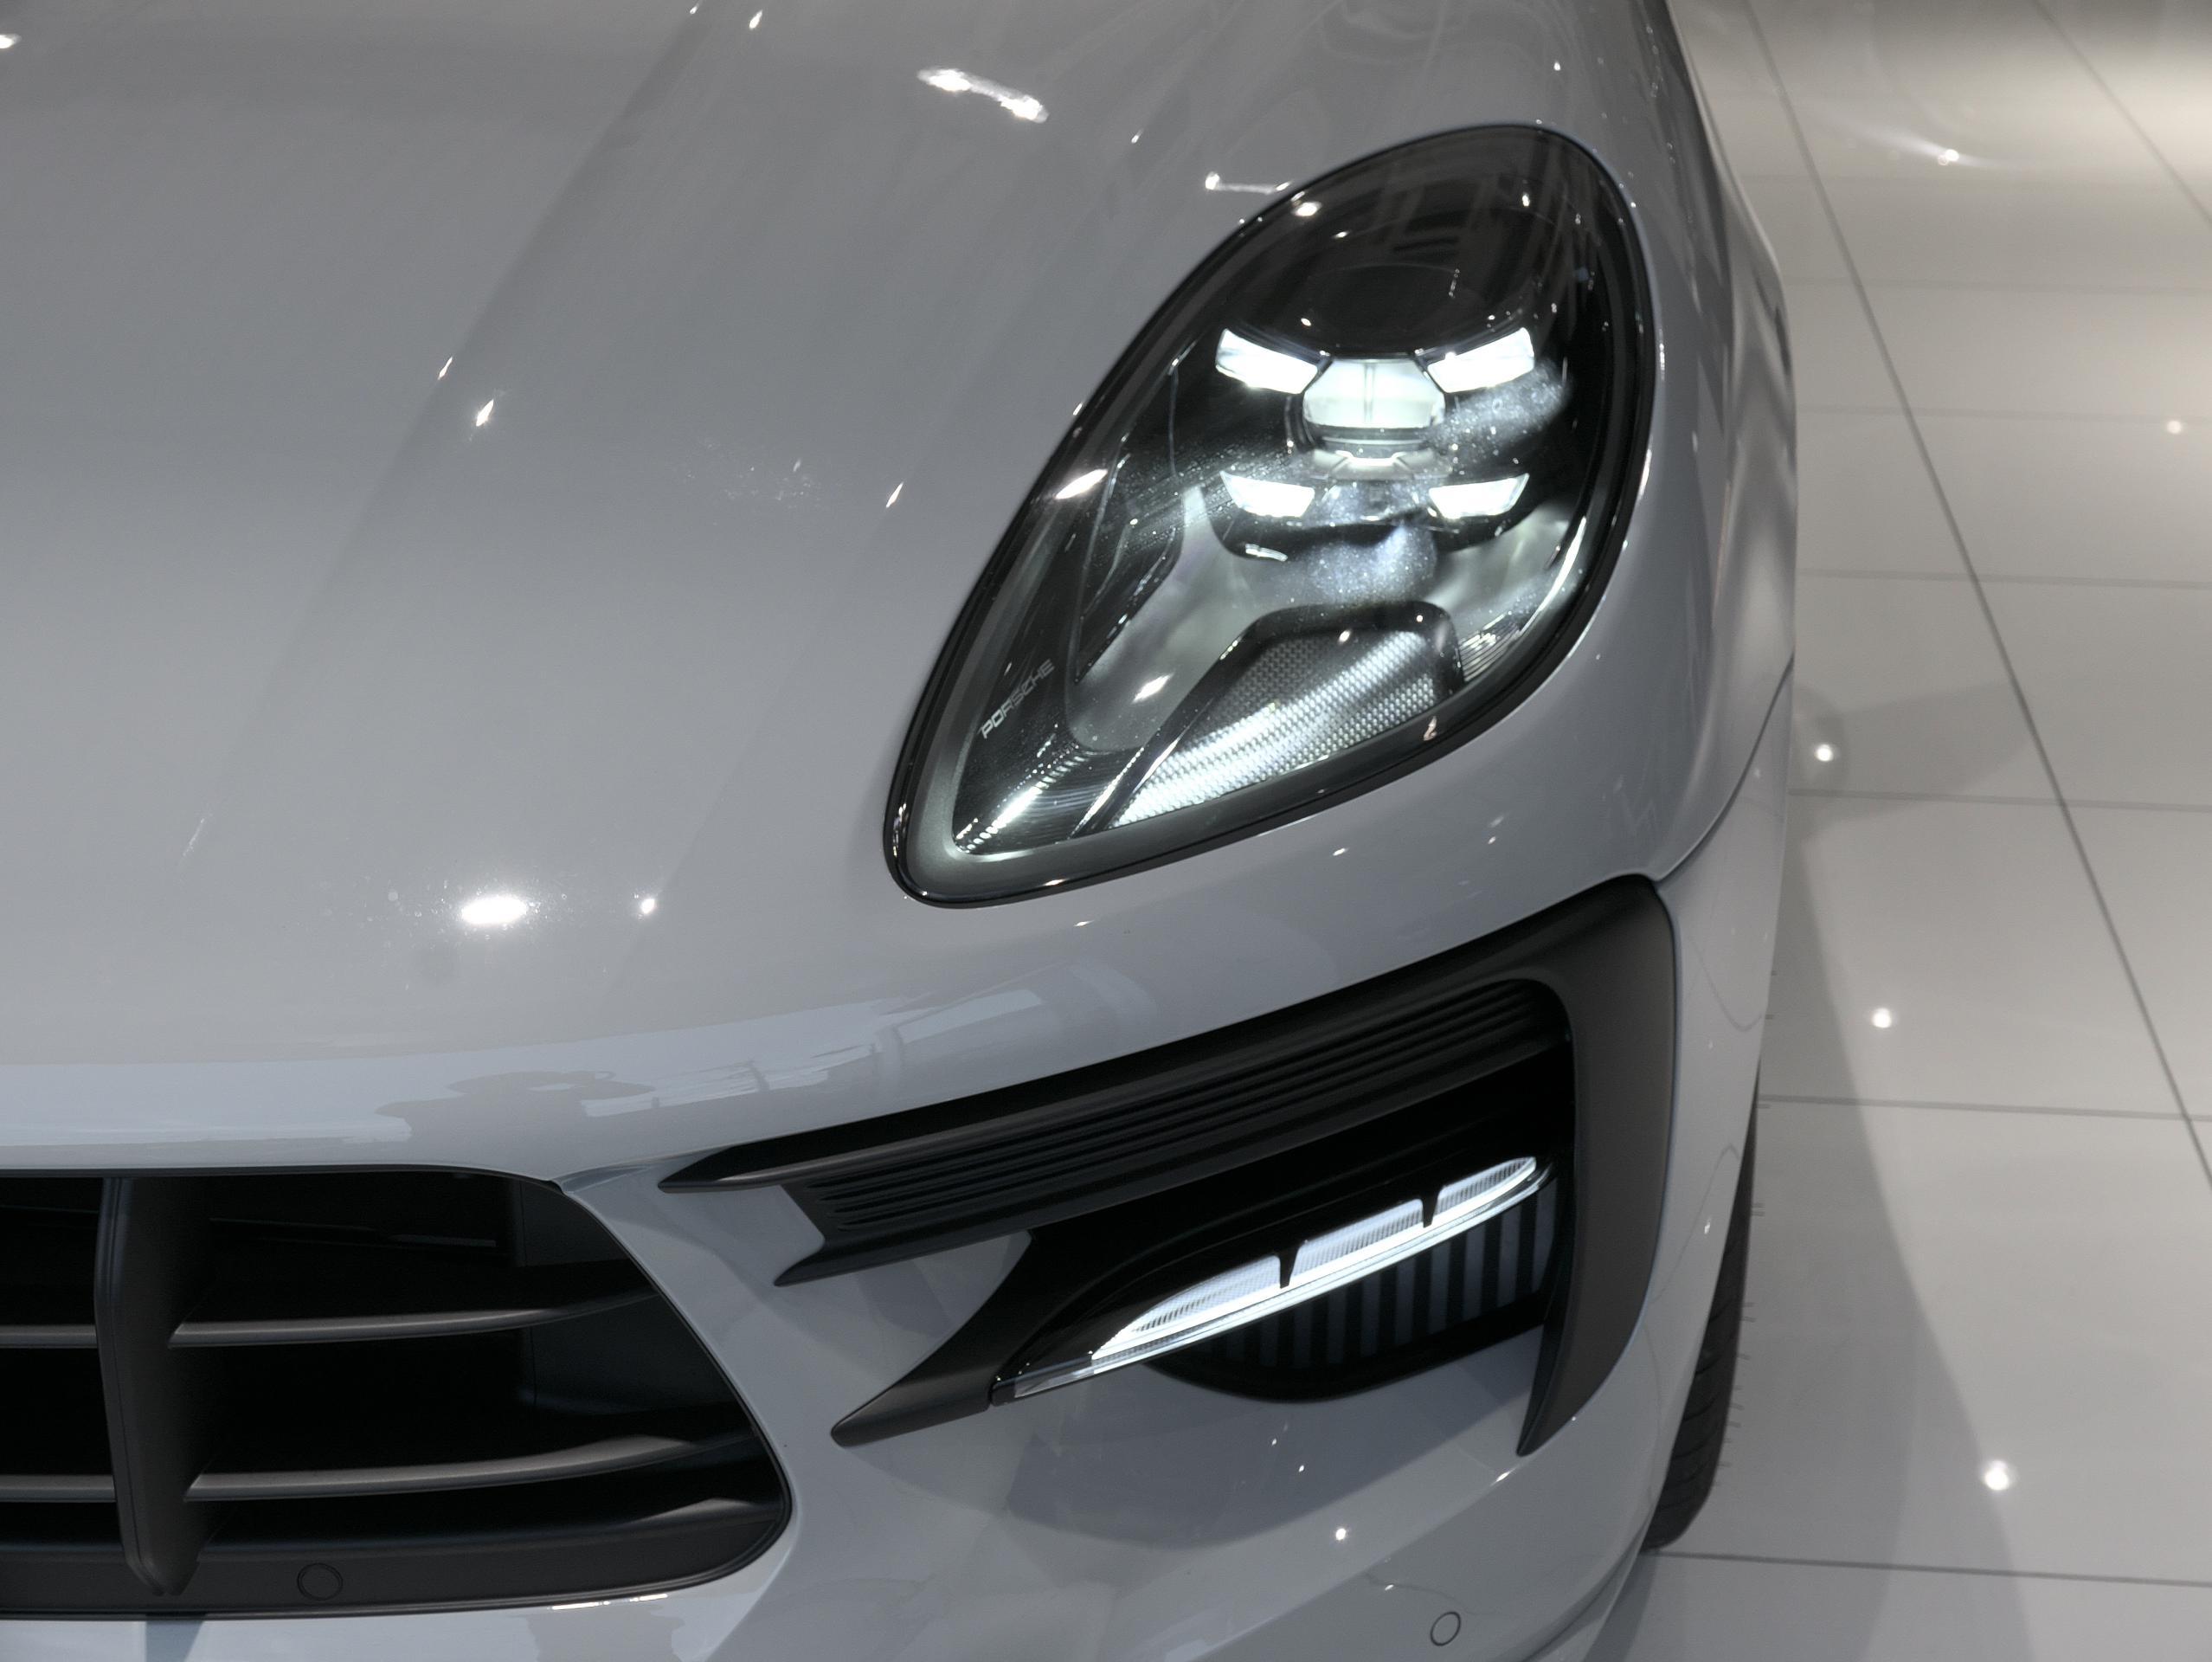 ポルシェ マカン GTS スポーツクロノ LEDヘッドライト